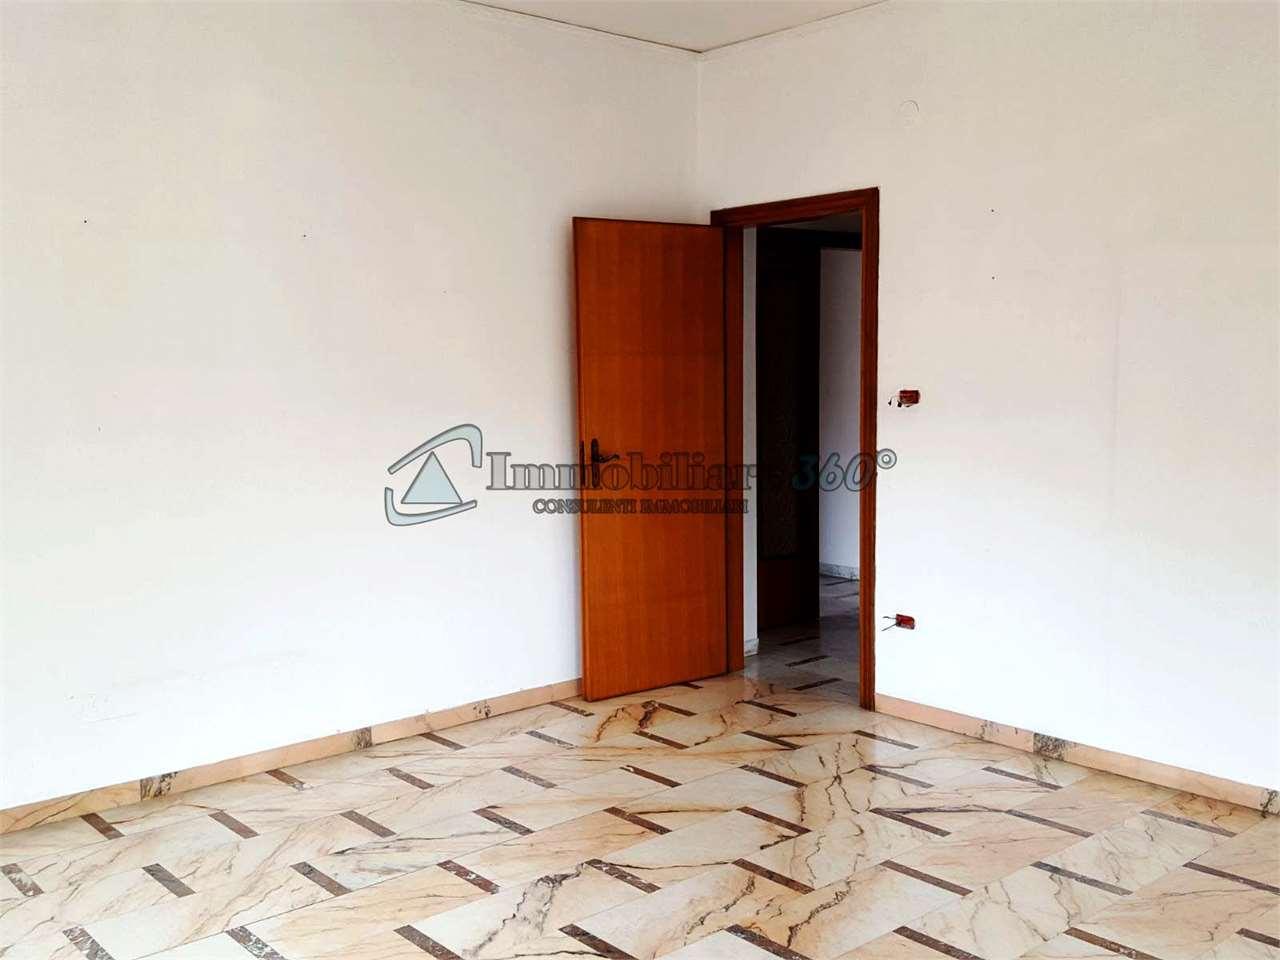 Appartamento Cosenza 407